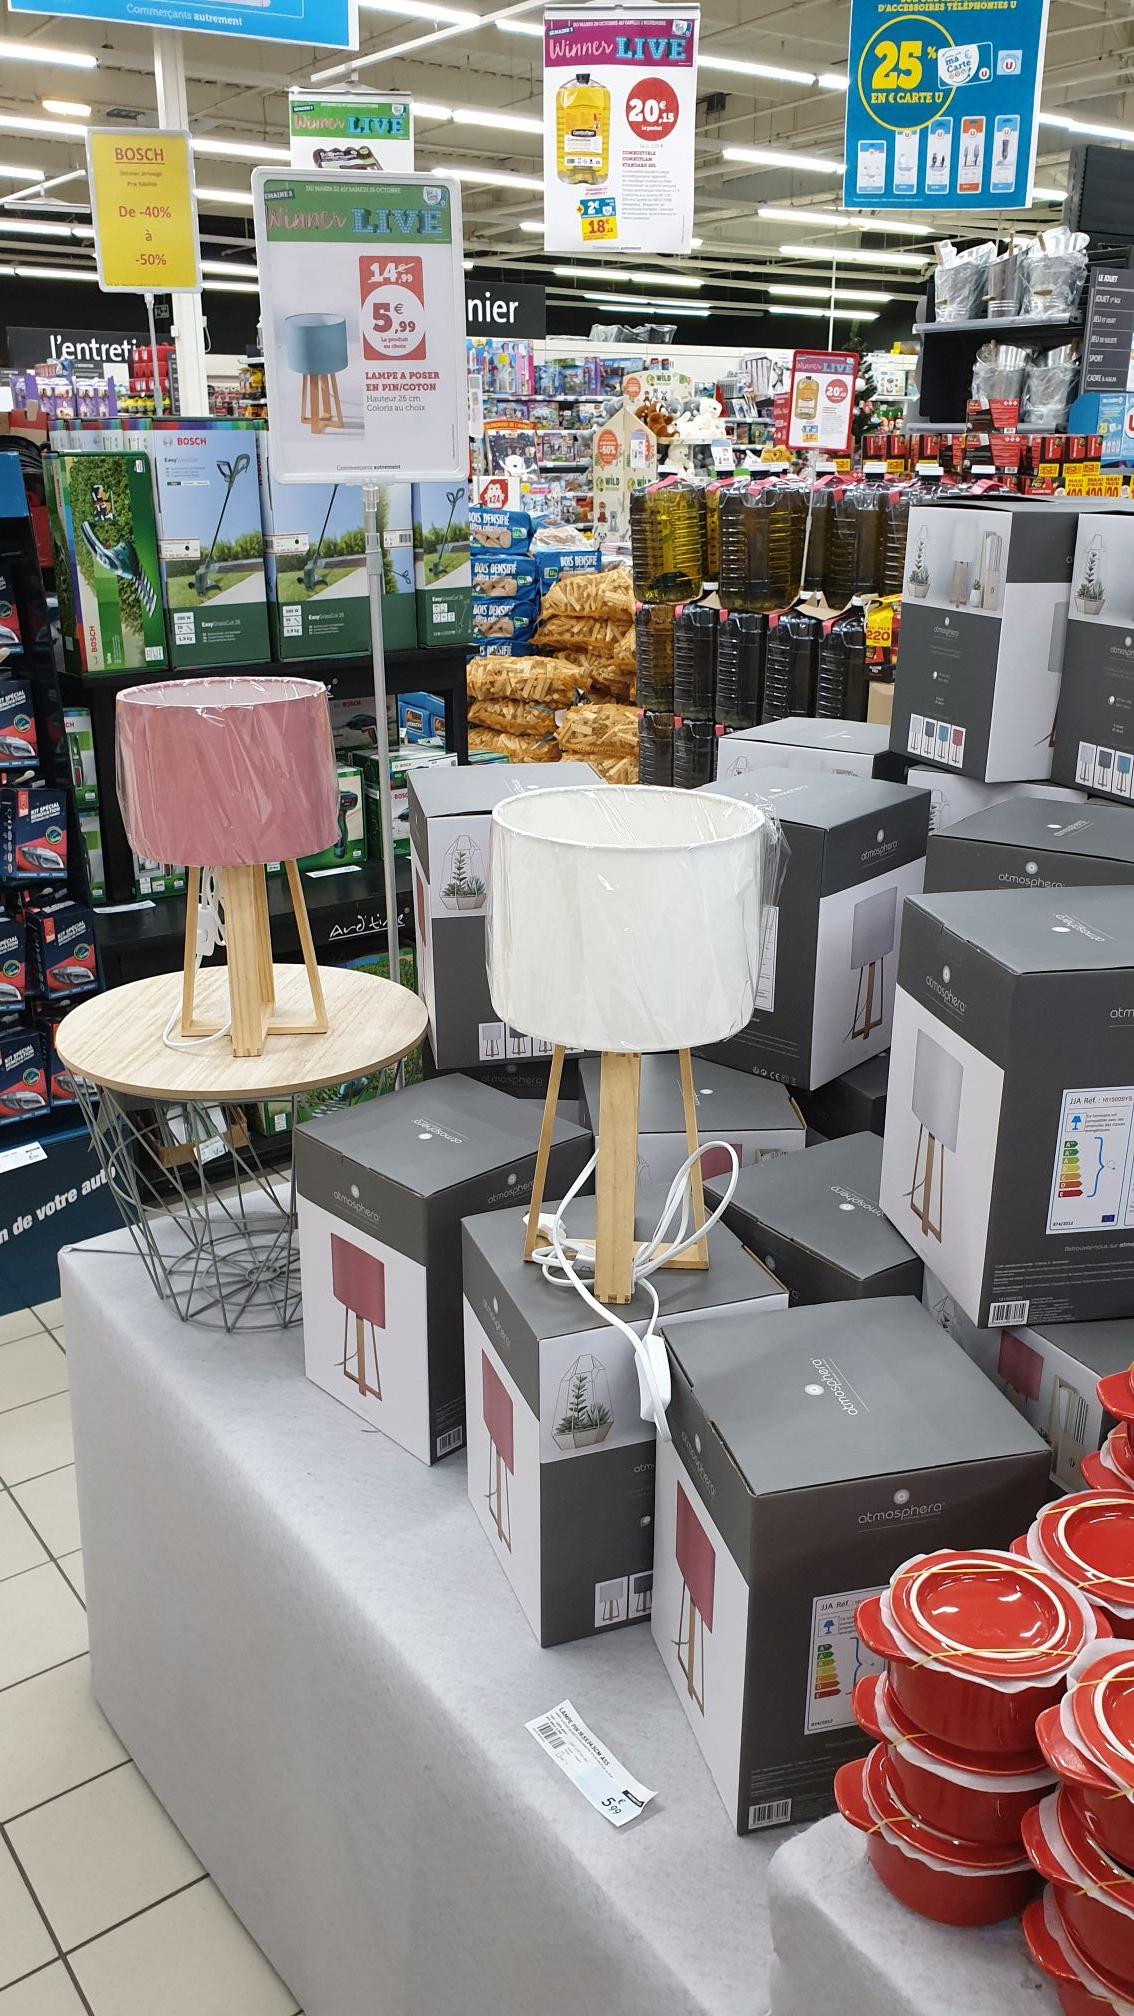 Lampe à poser en pin/coton - Super U Parigné-l'Évêque (72)